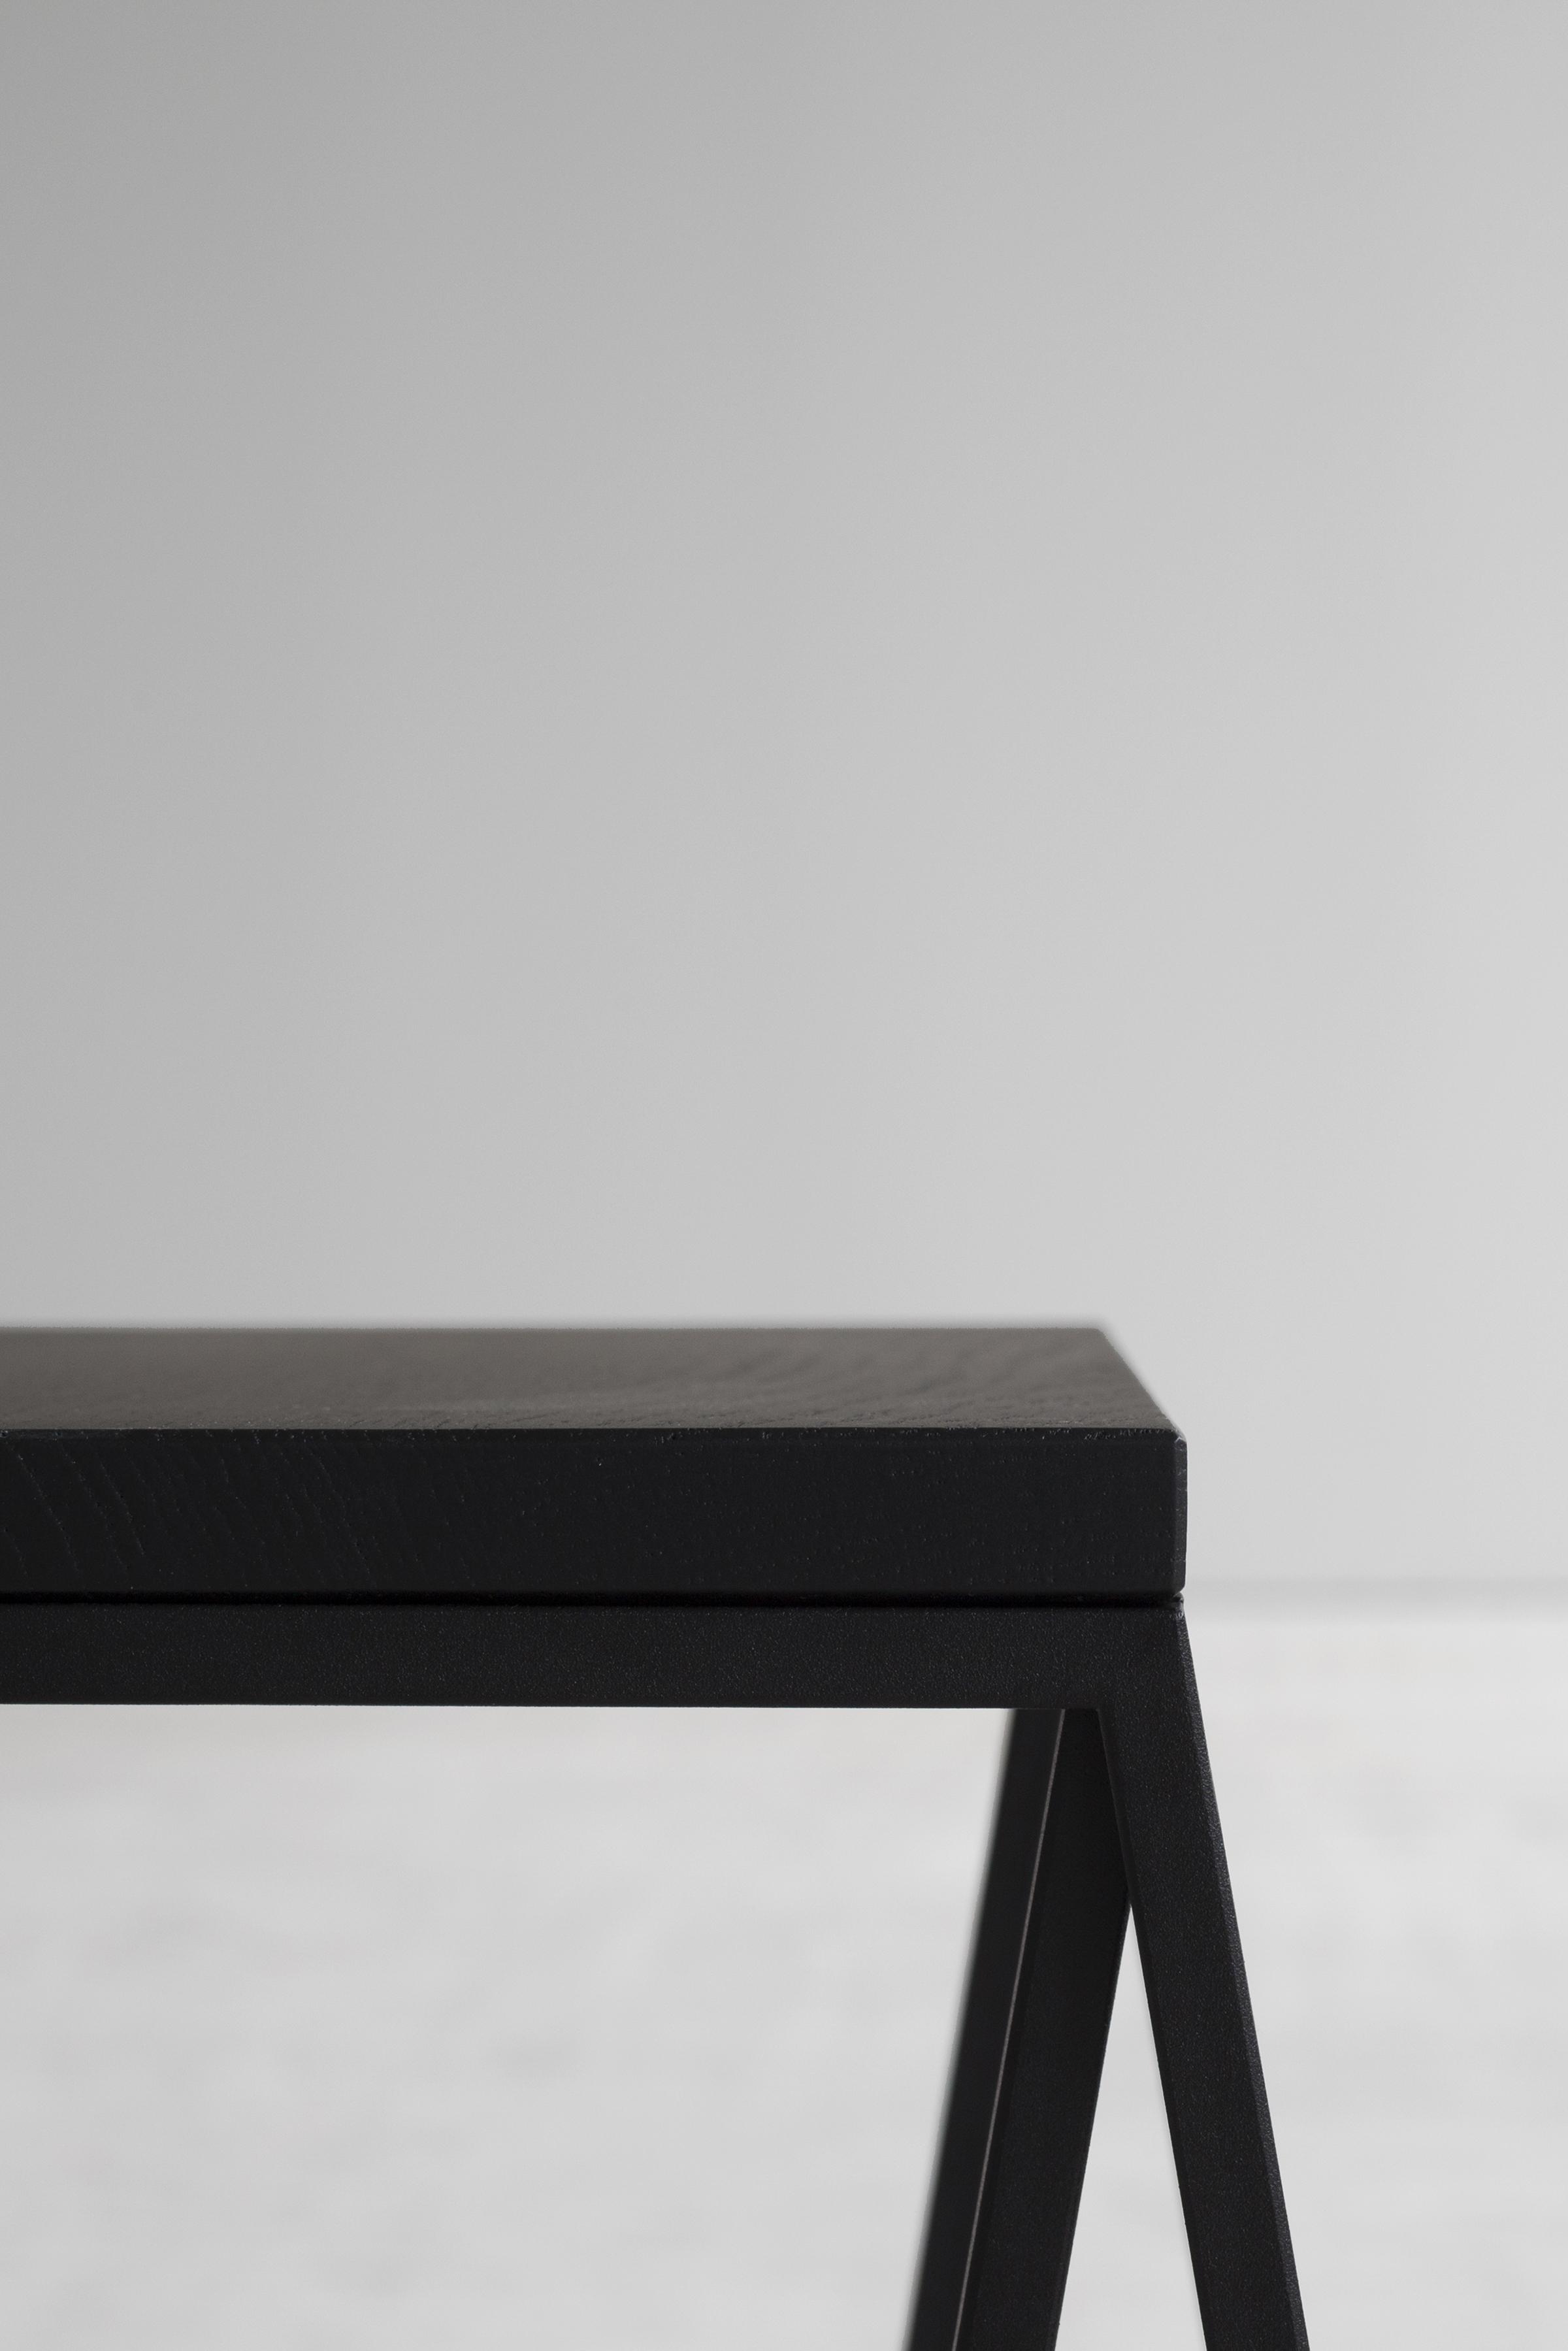 Rhomboid side object black detail